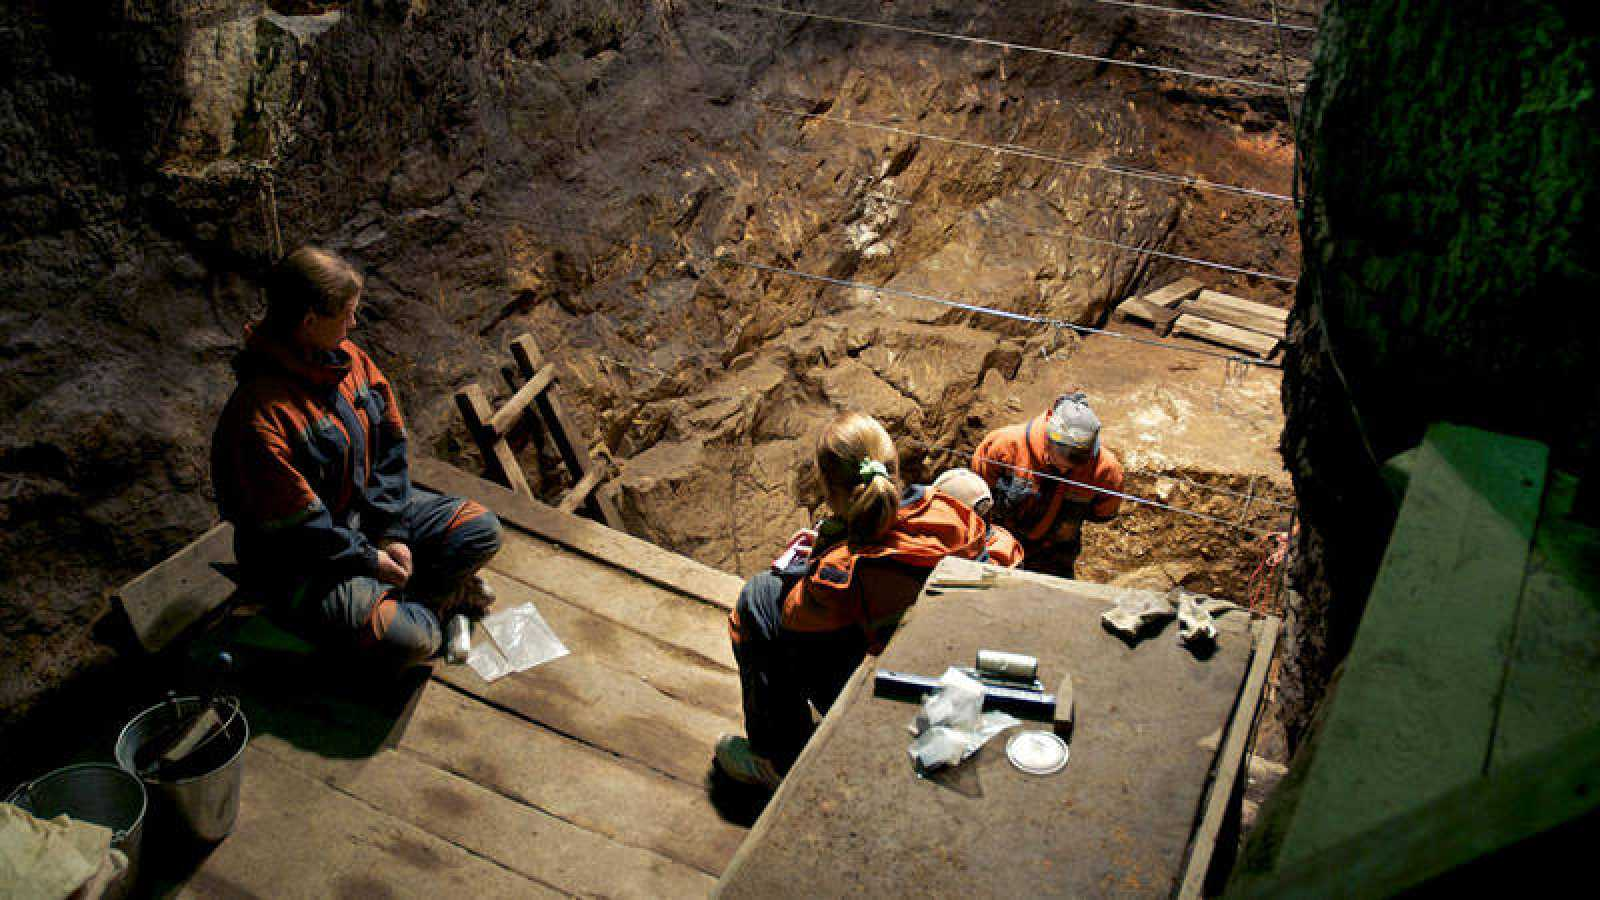 """Imagen de archivo de los trabajos de excavación en la cueva Denisova (Siberia, rusia) donde se encontró en 2008 la última especie de homínidos descubierta hasta ahora, bautizada como """"denisovanos""""."""